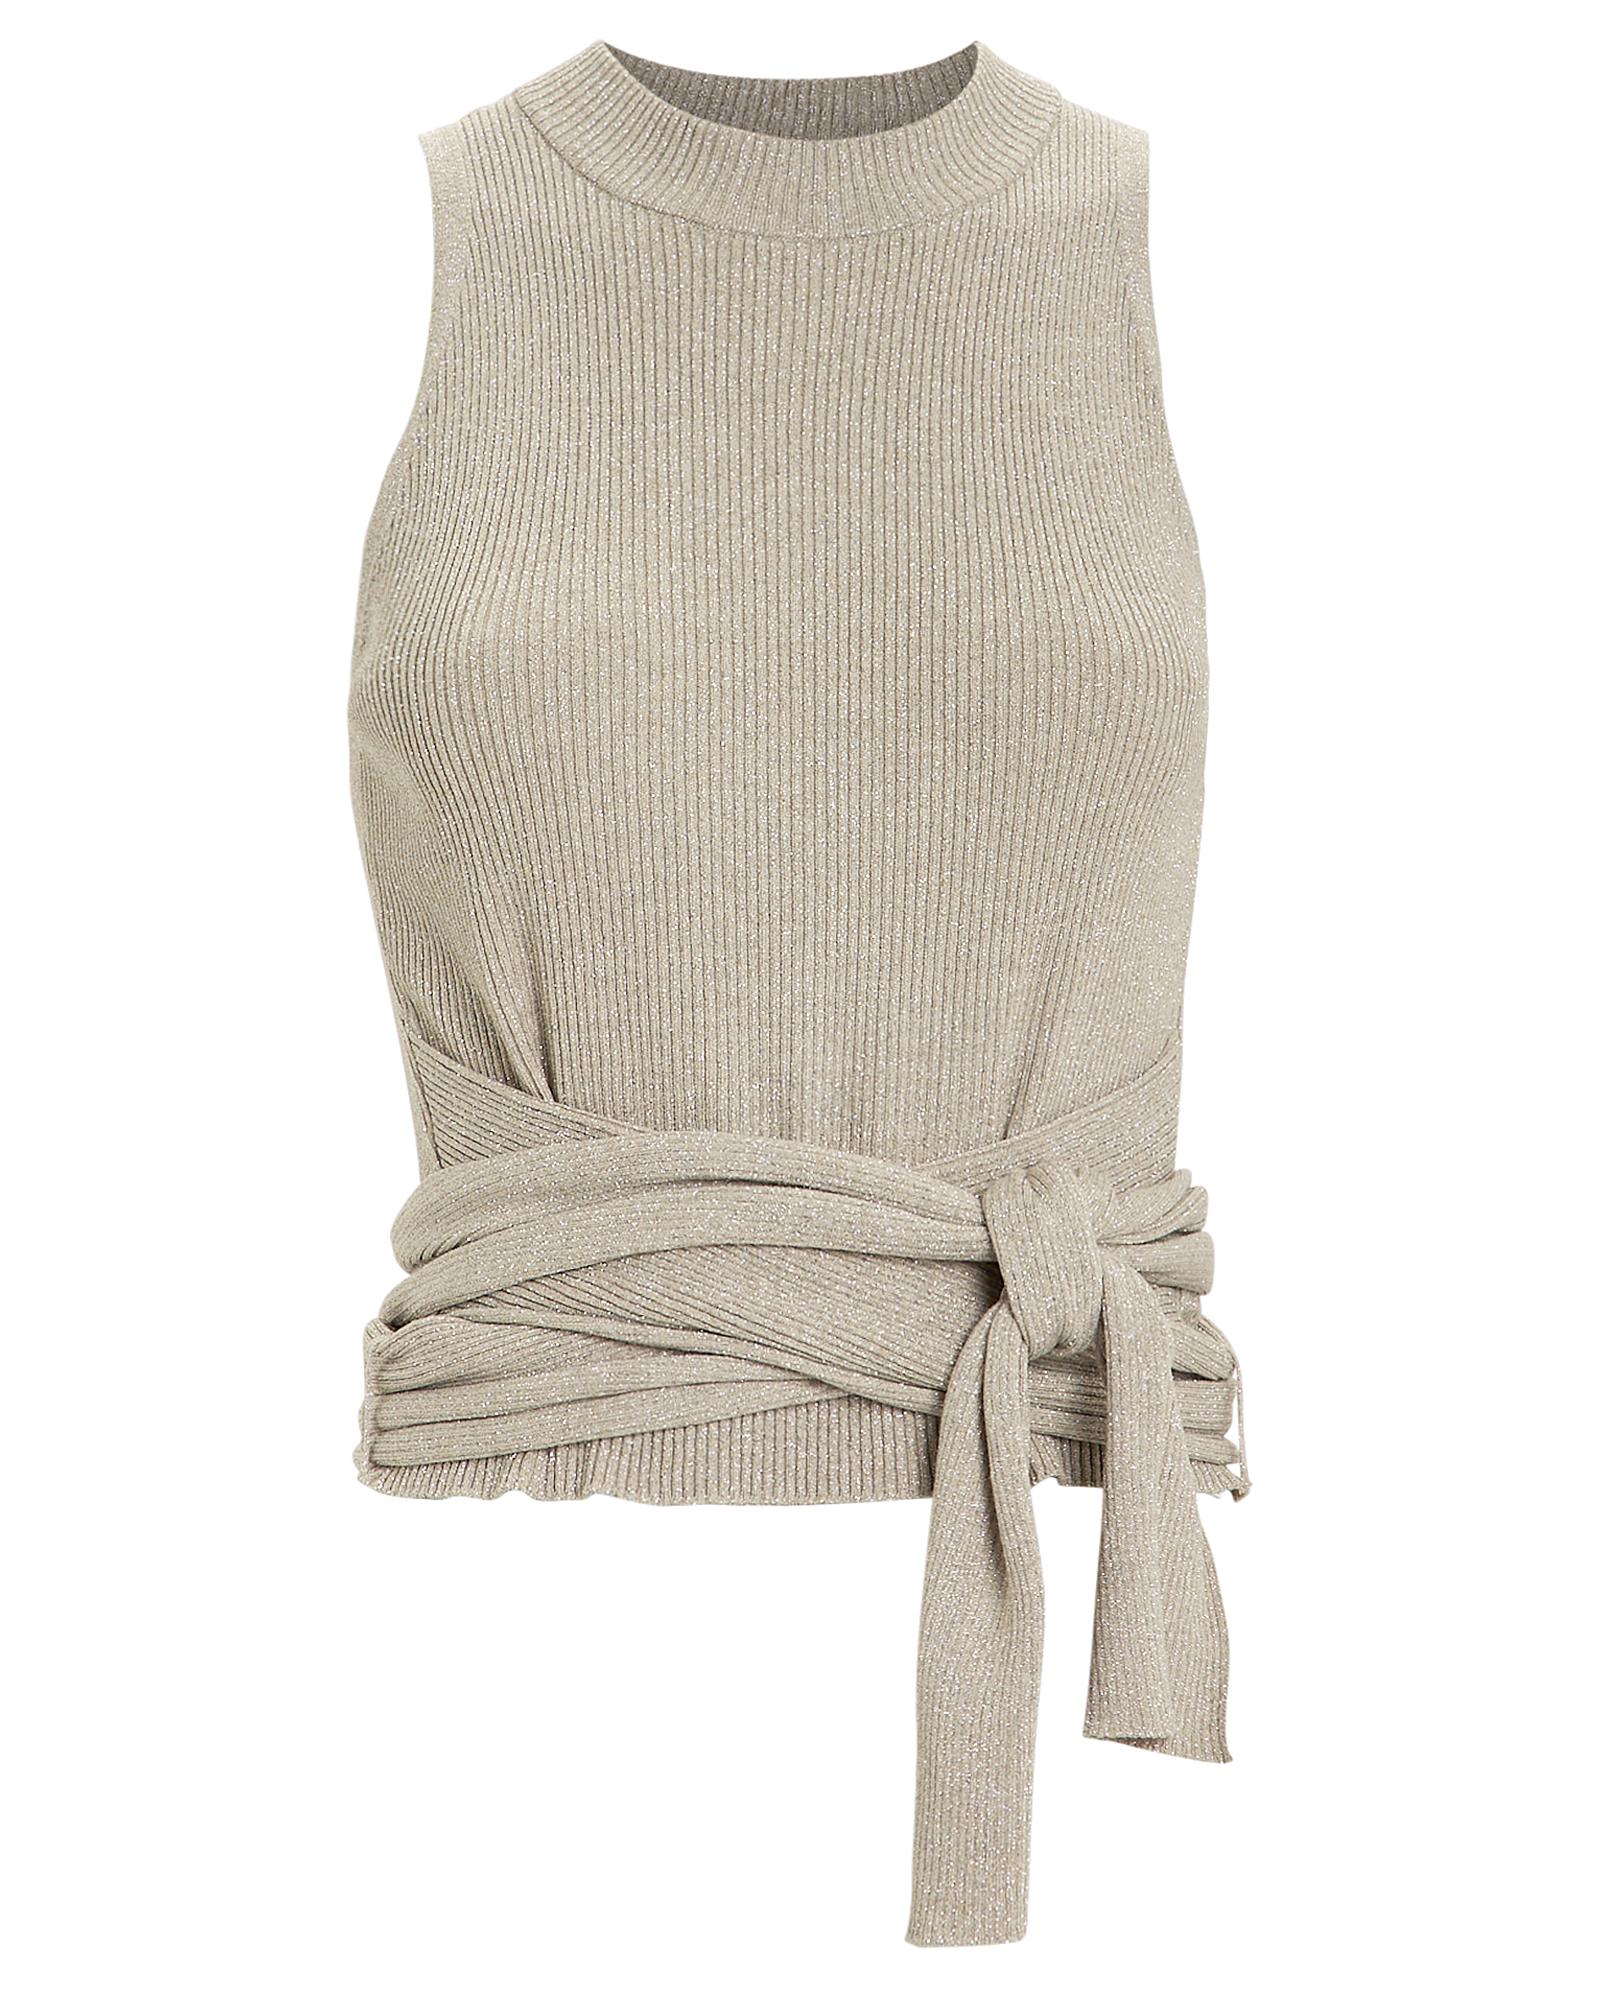 Tie Waist Lurex Knit Top by 3.1 Phillip Lim